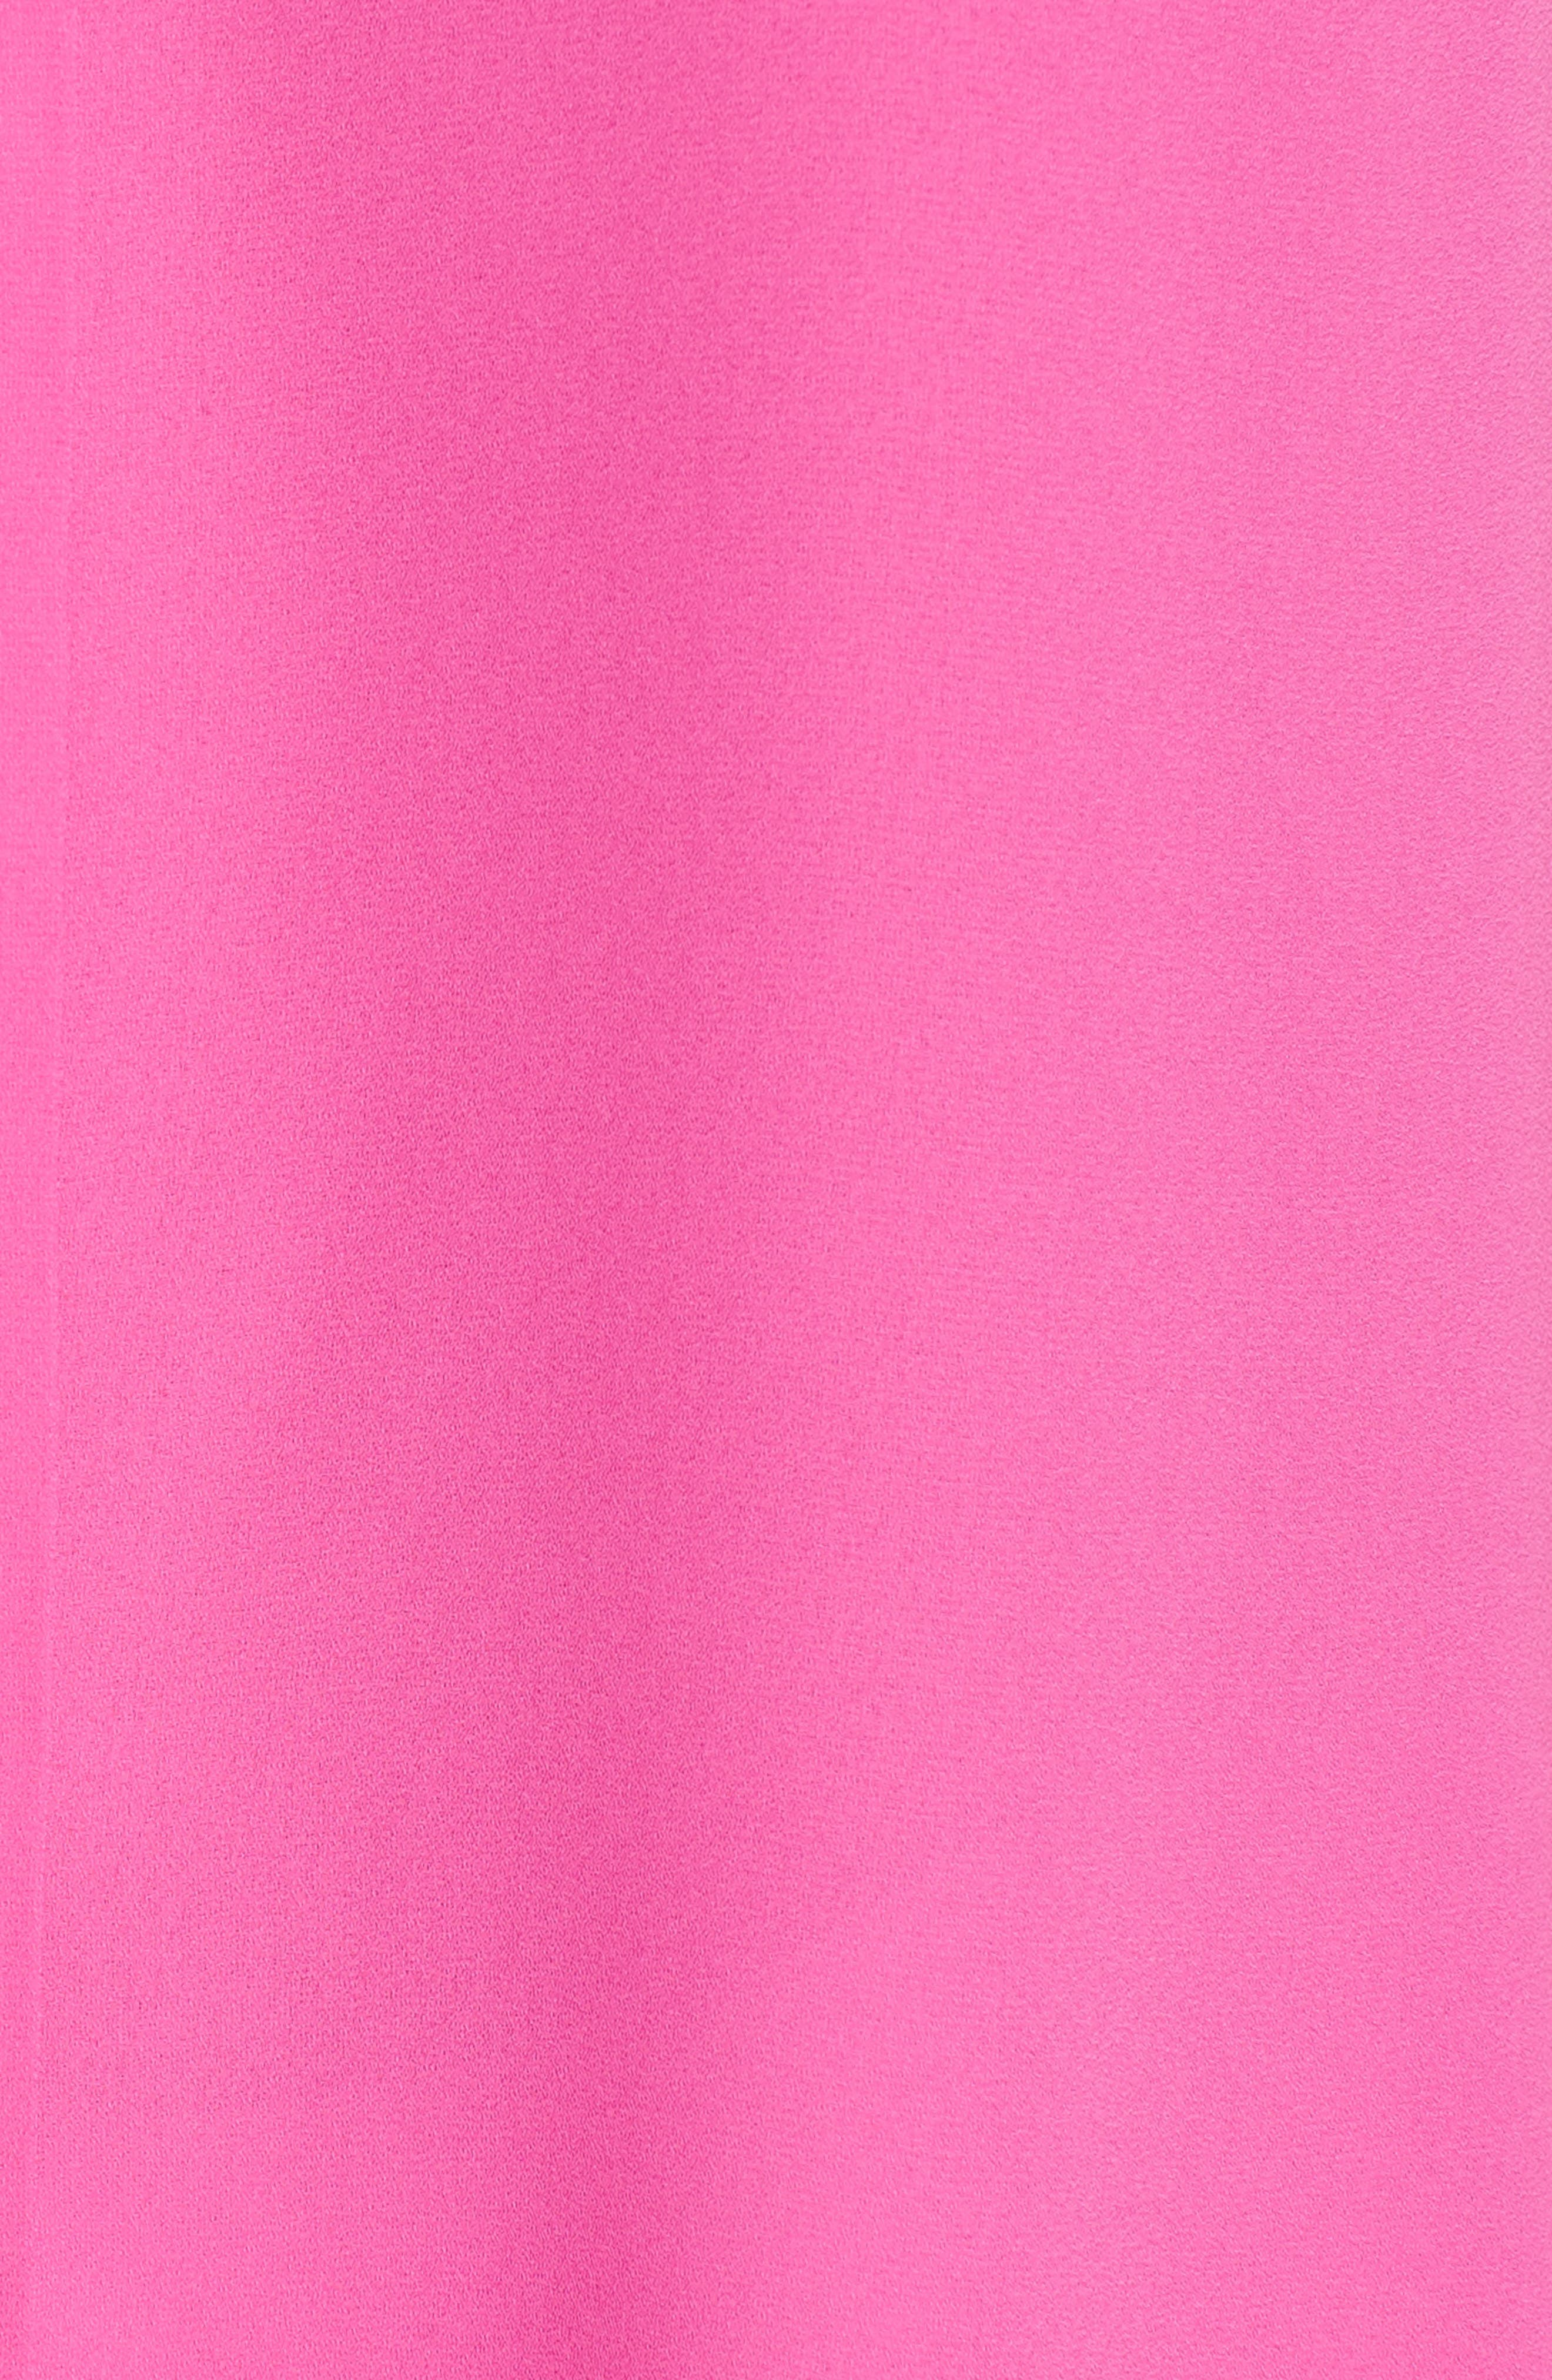 Pleat Back Sleeveless Split Neck Blouse,                             Alternate thumbnail 283, color,